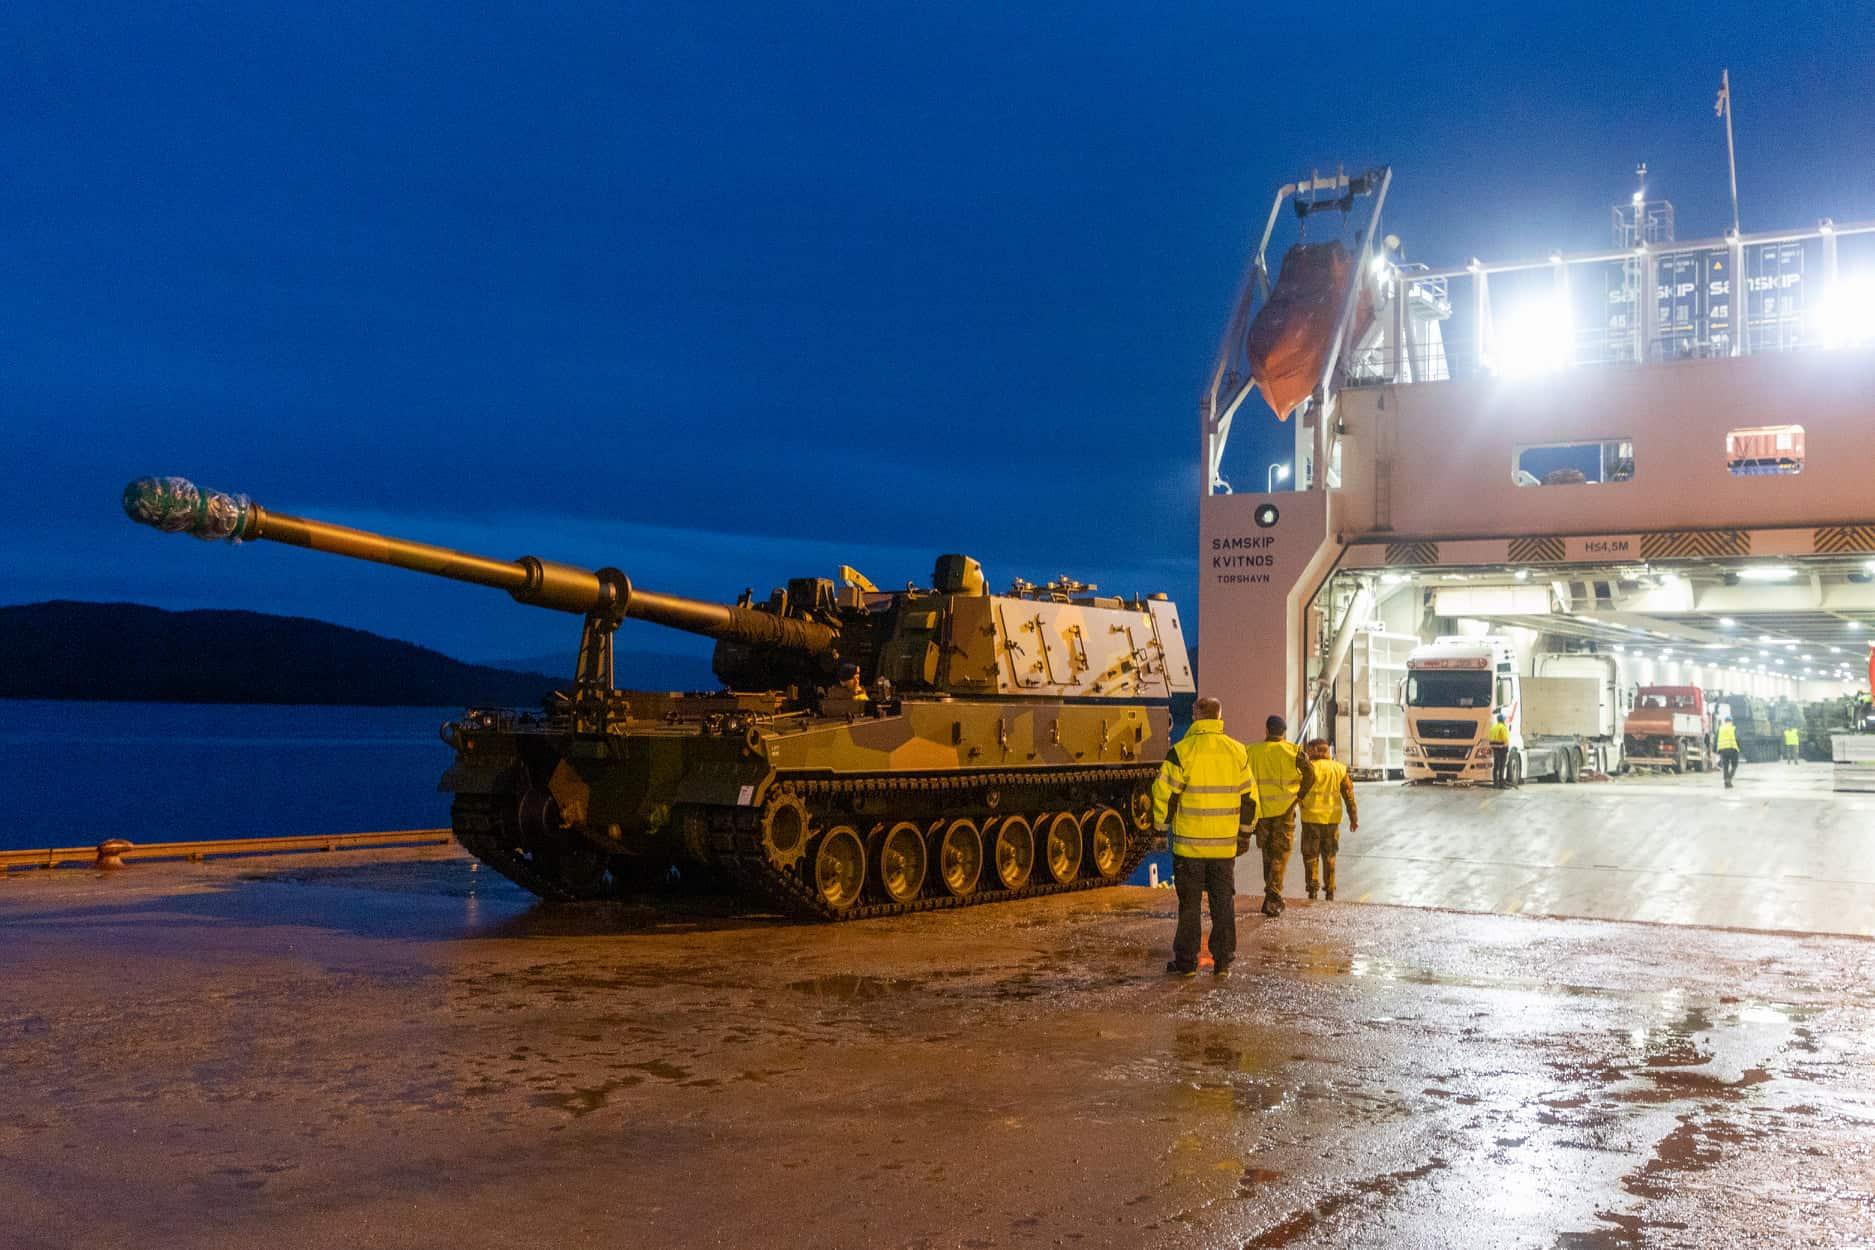 Розвантаження САУ K9 у норвезькому порту в місті Боген